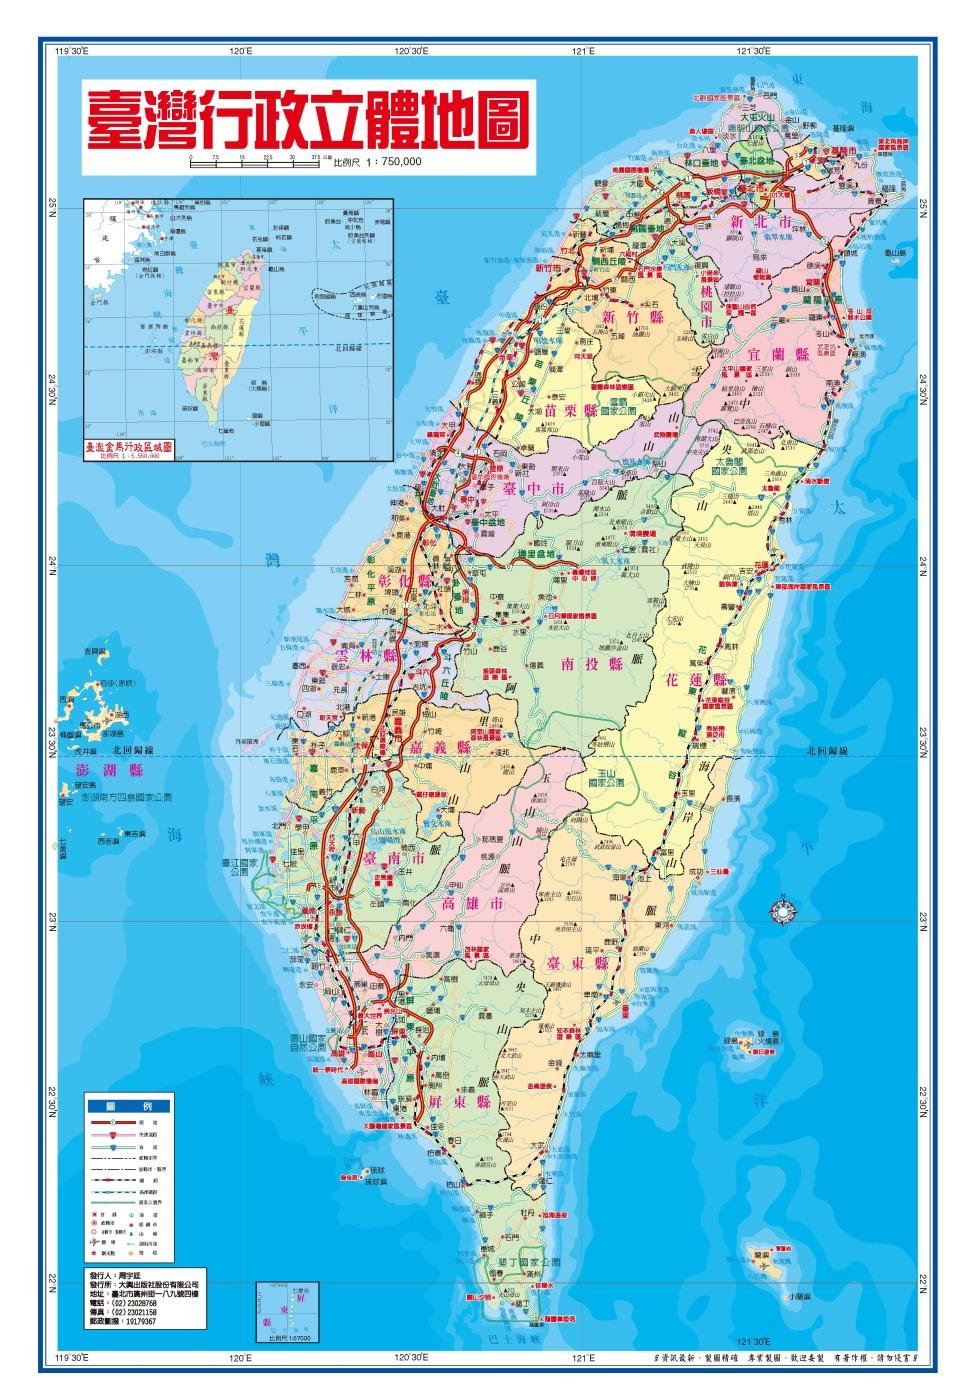 最新版臺灣行政立體地圖